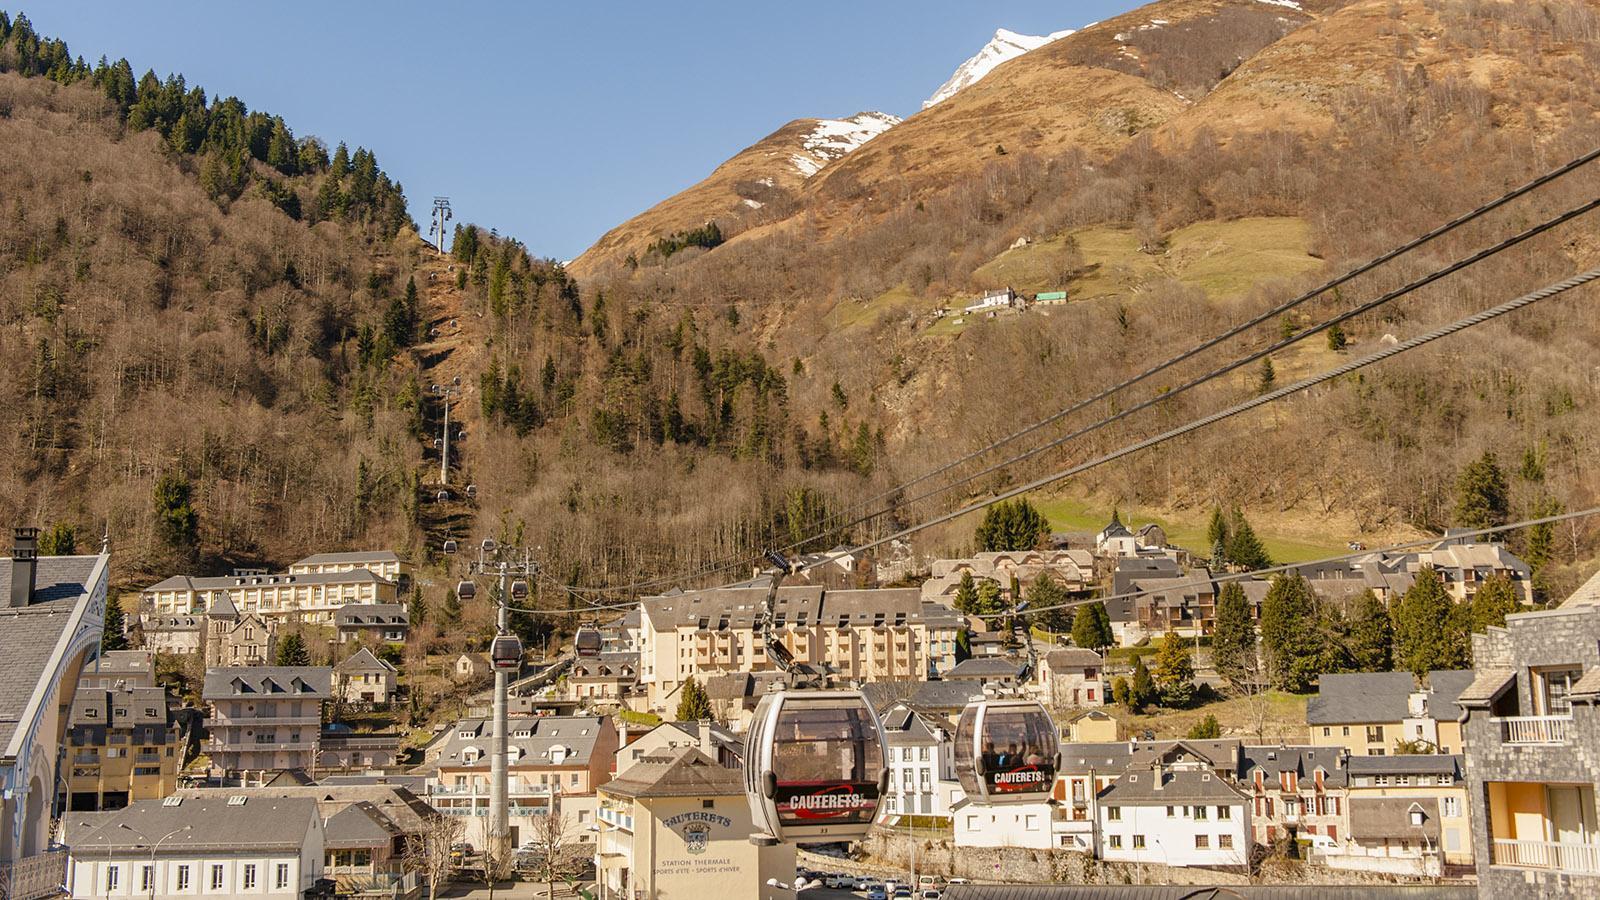 Bis weit nach Ostern könnt ihr in Cauterets Ski laufen - auch, wenn der Frühling schon im Tal eingekehrt ist. Foto: Hilke Maunder